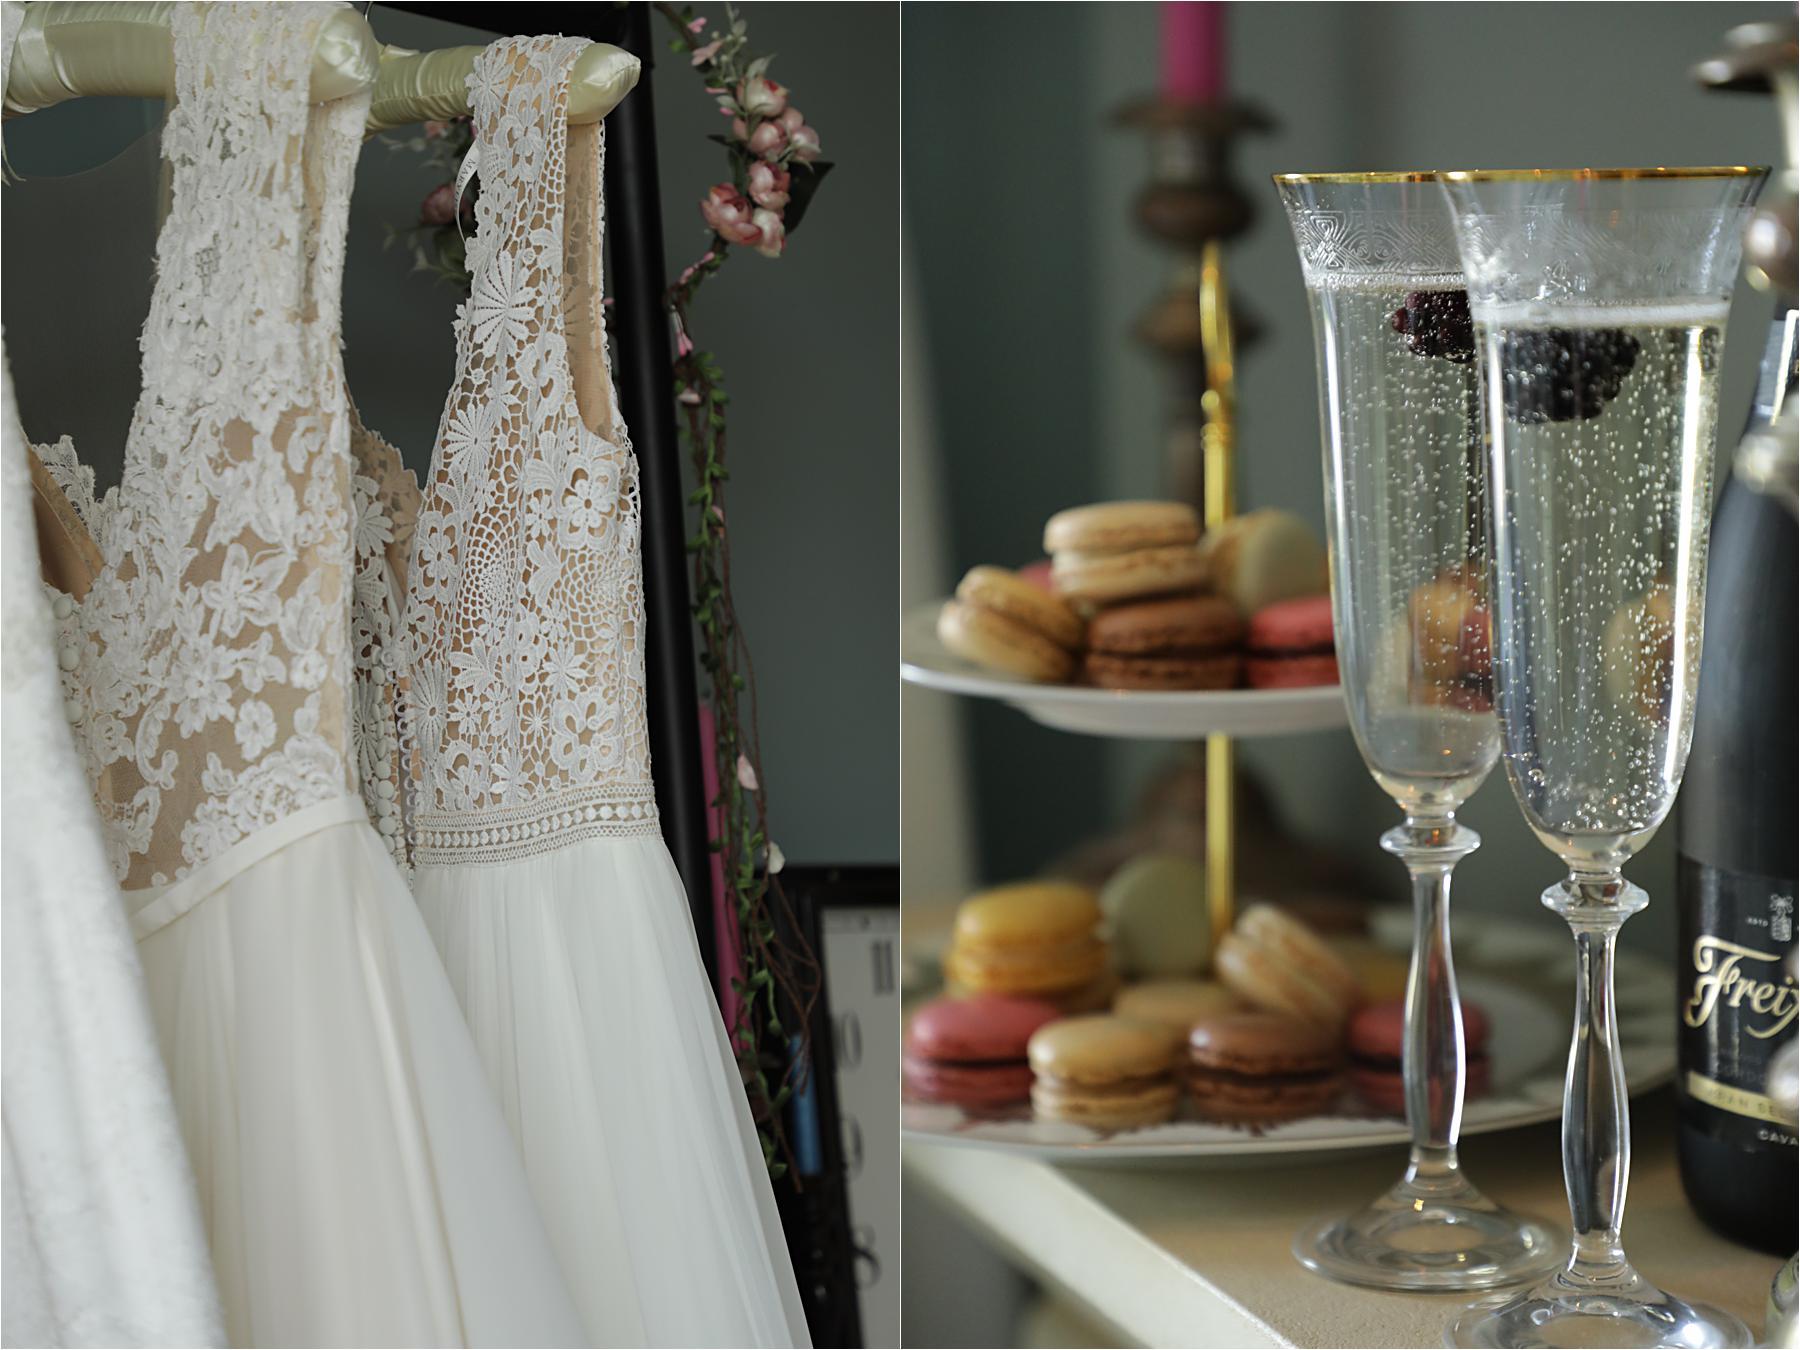 The Little Bridal Boutique